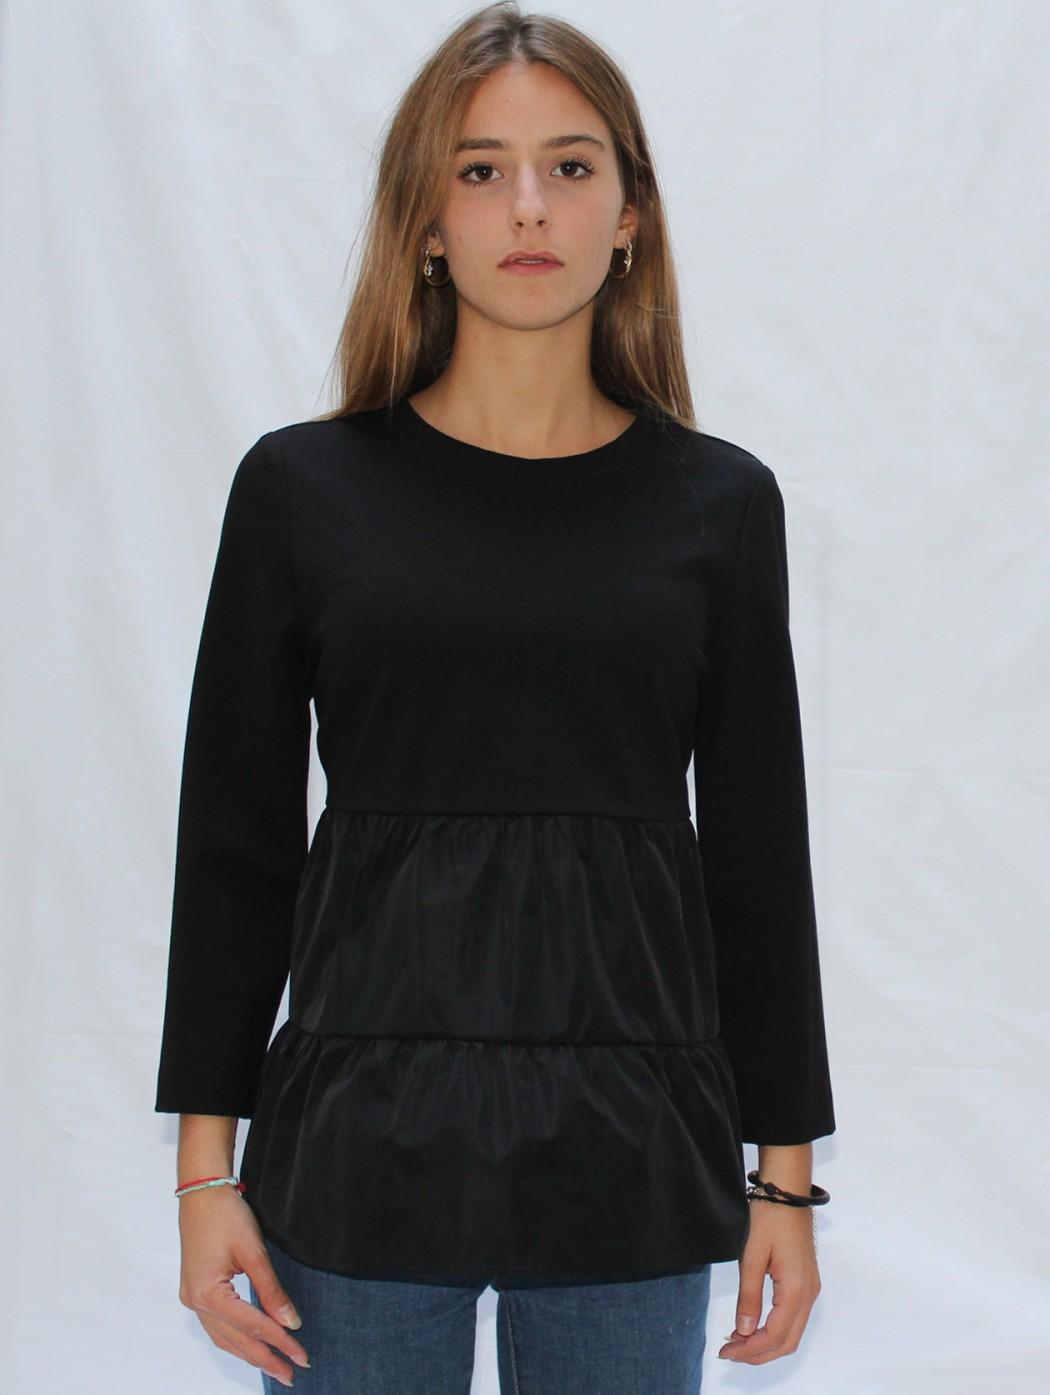 Plain black blouse shirt...